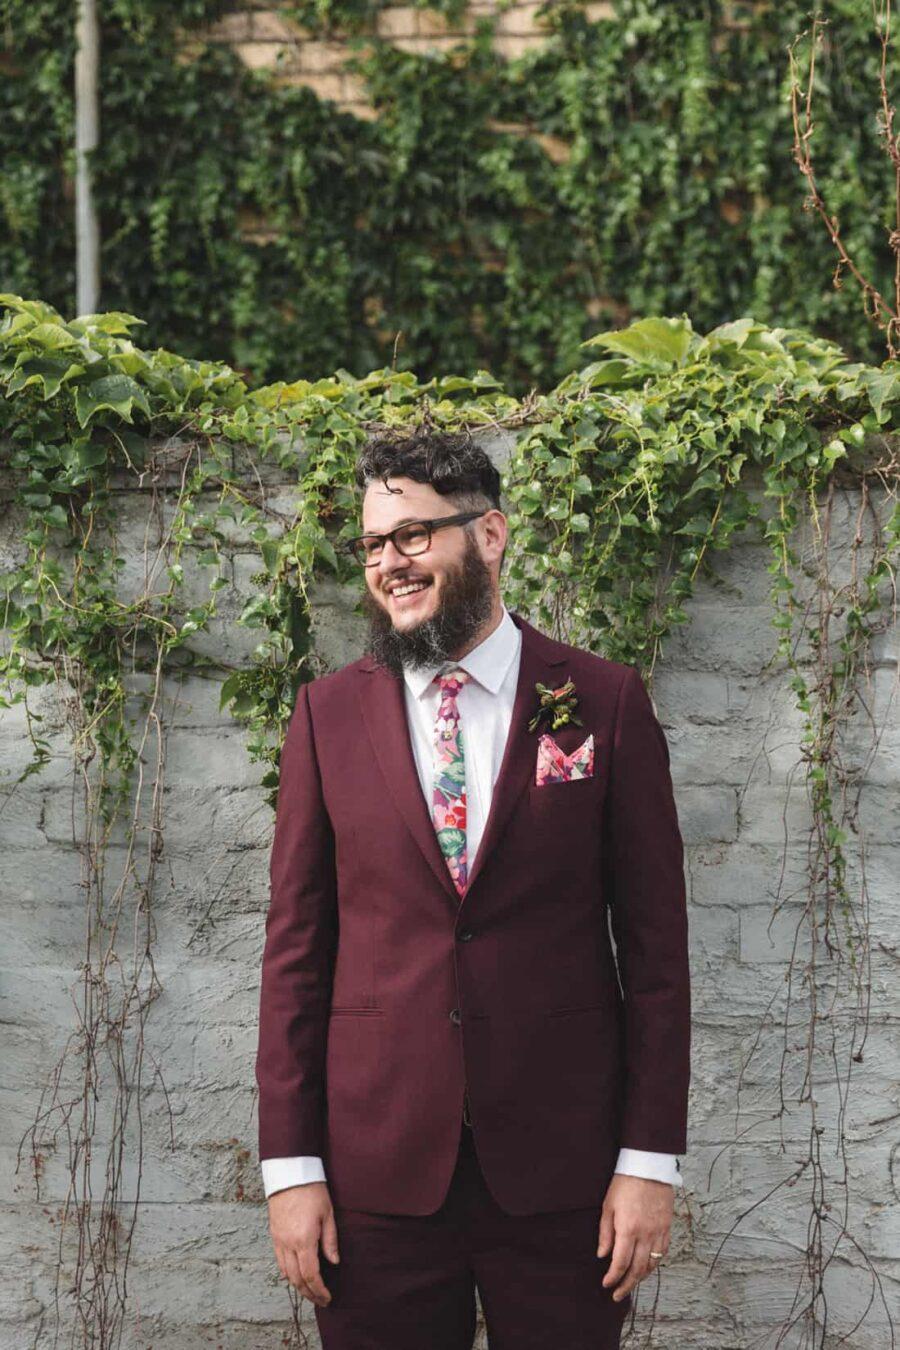 bearded groom in burgundy suit